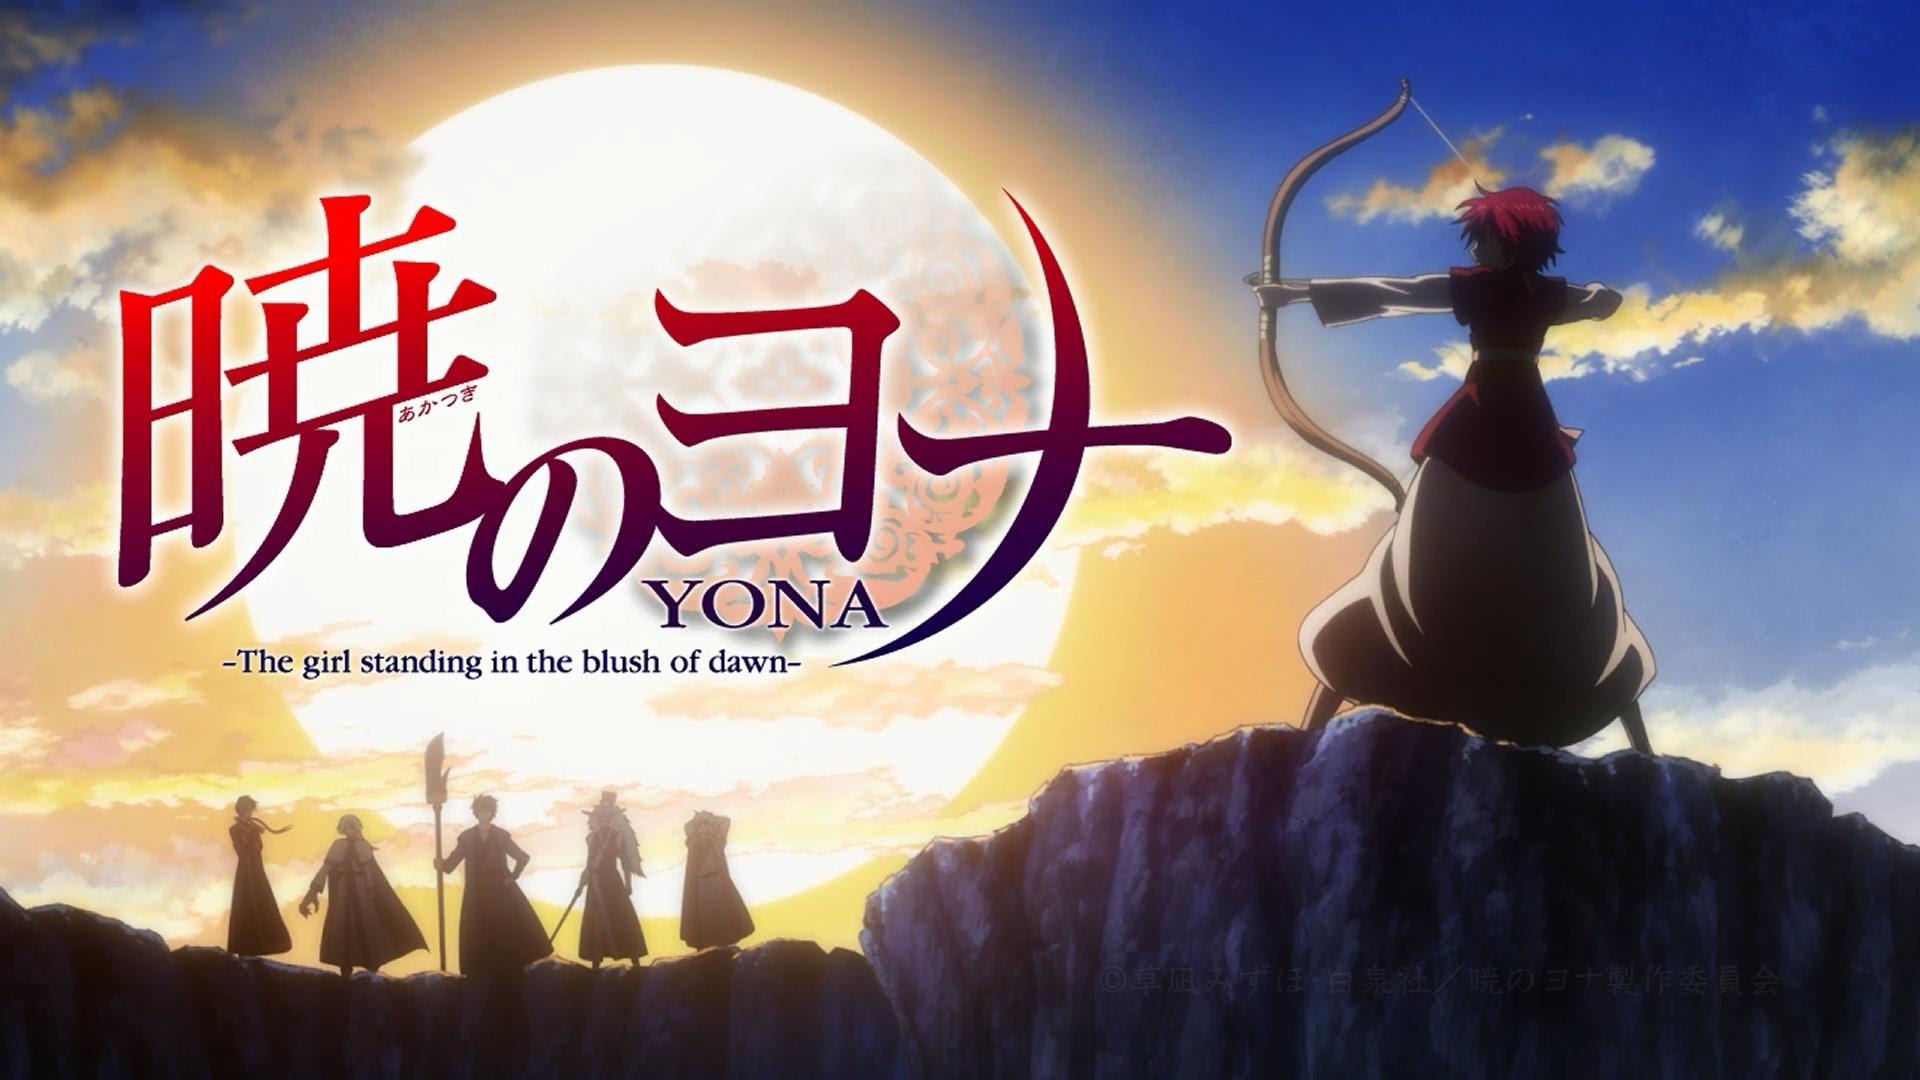 「AMV」Akatsuki no yona-New Elysium – YouTube